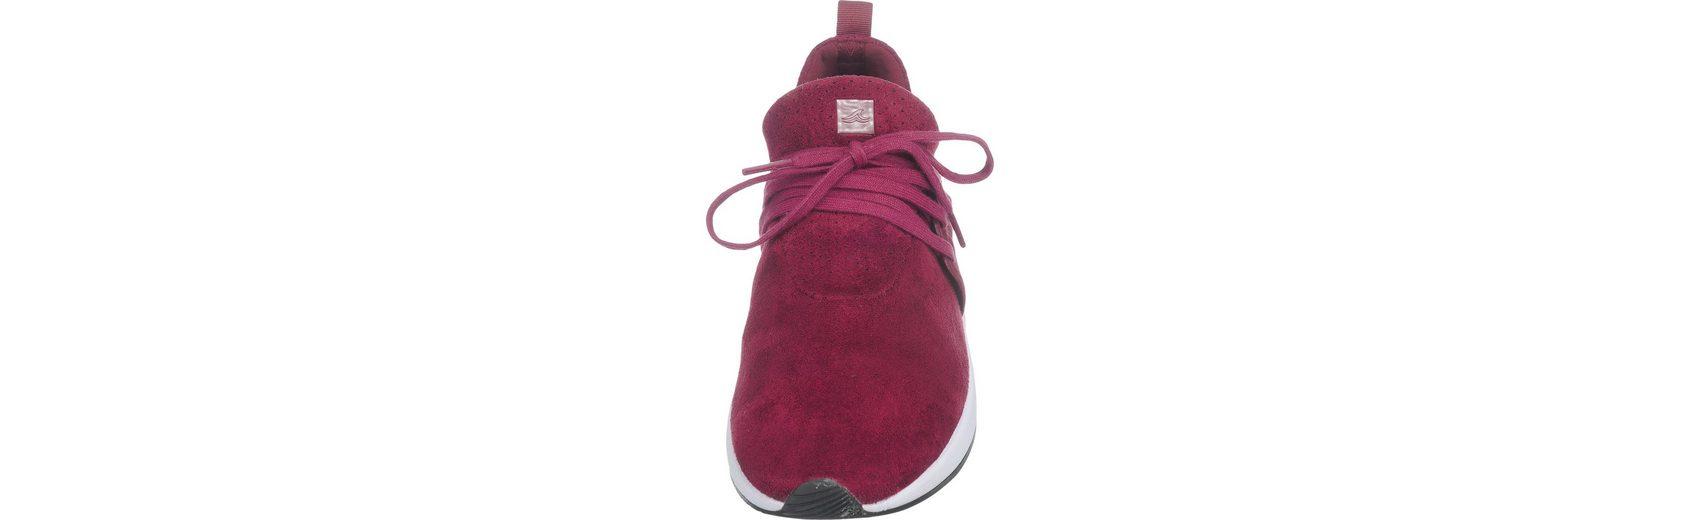 Project Delray Wavey Sneakers Qualität Freies Verschiffen Rabatt Großer Rabatt Billig Verkaufen Billig Online Gehen rlQHbU5u